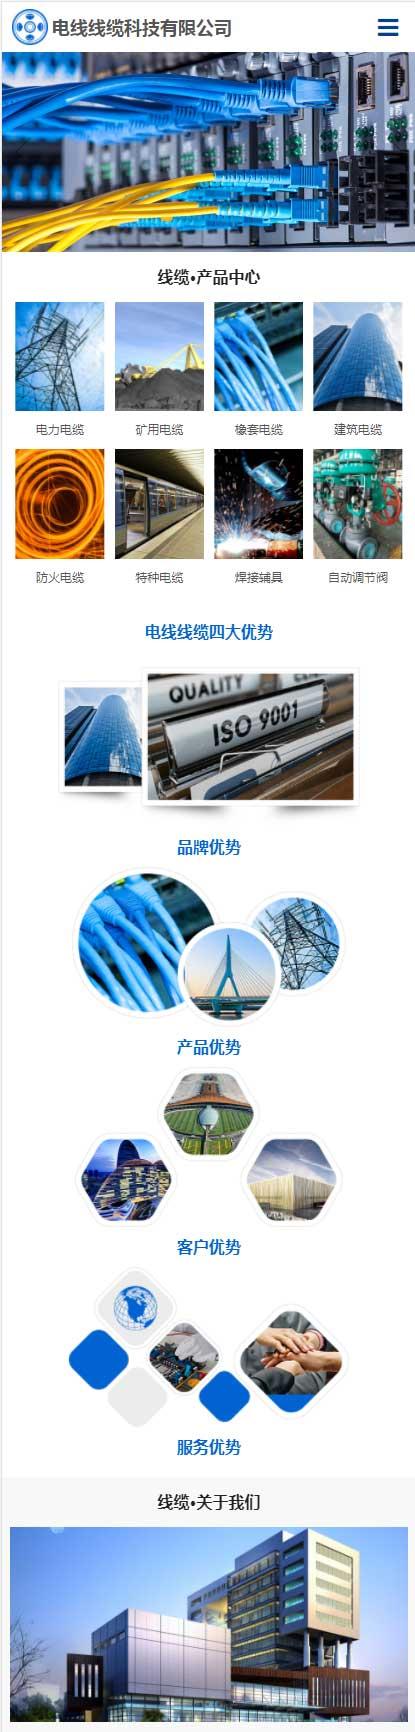 电线线缆科技公司展示小程序模板